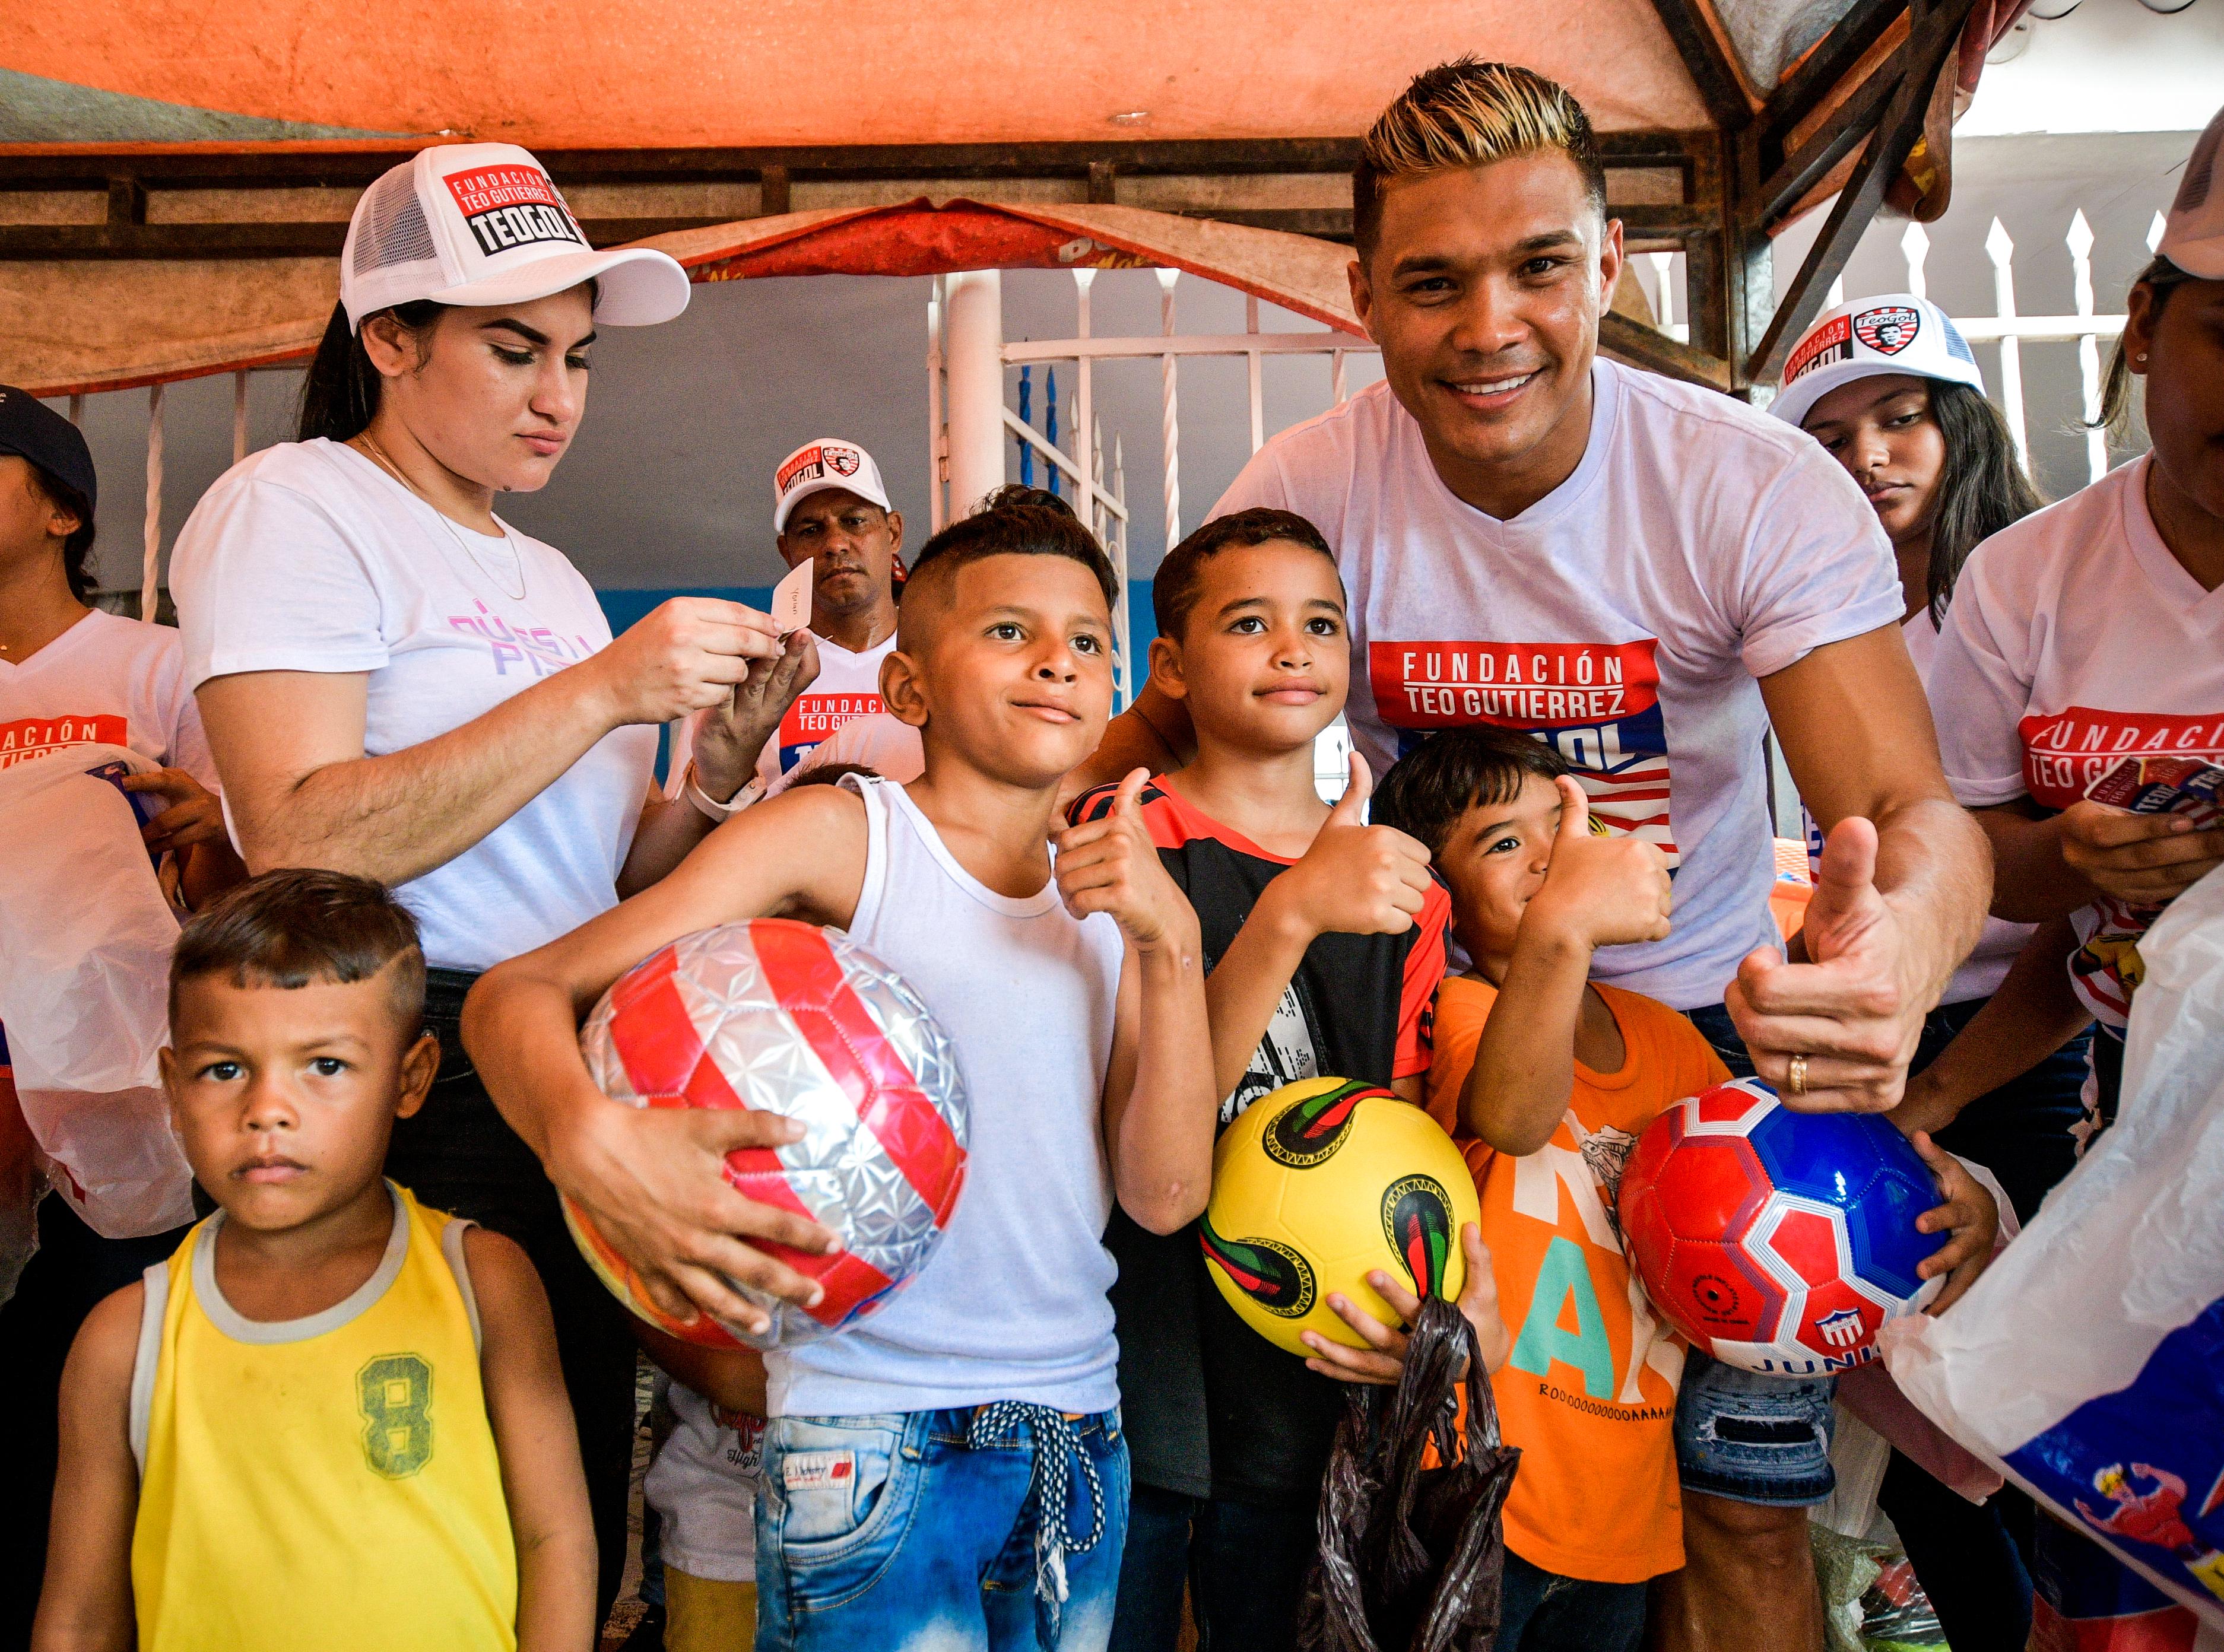 El barranquillero Teófilo Gutiérrez posa con algunos de los niños que hicieron parte de la entrega de regalos. 